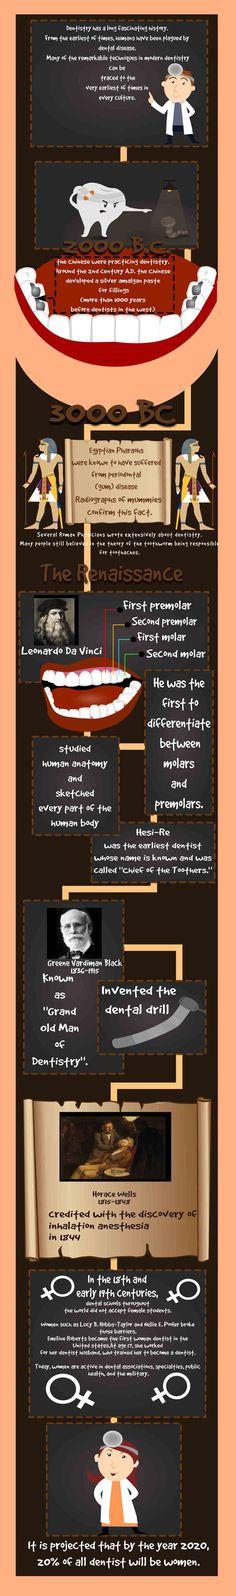 Dental History. #DeltaDental